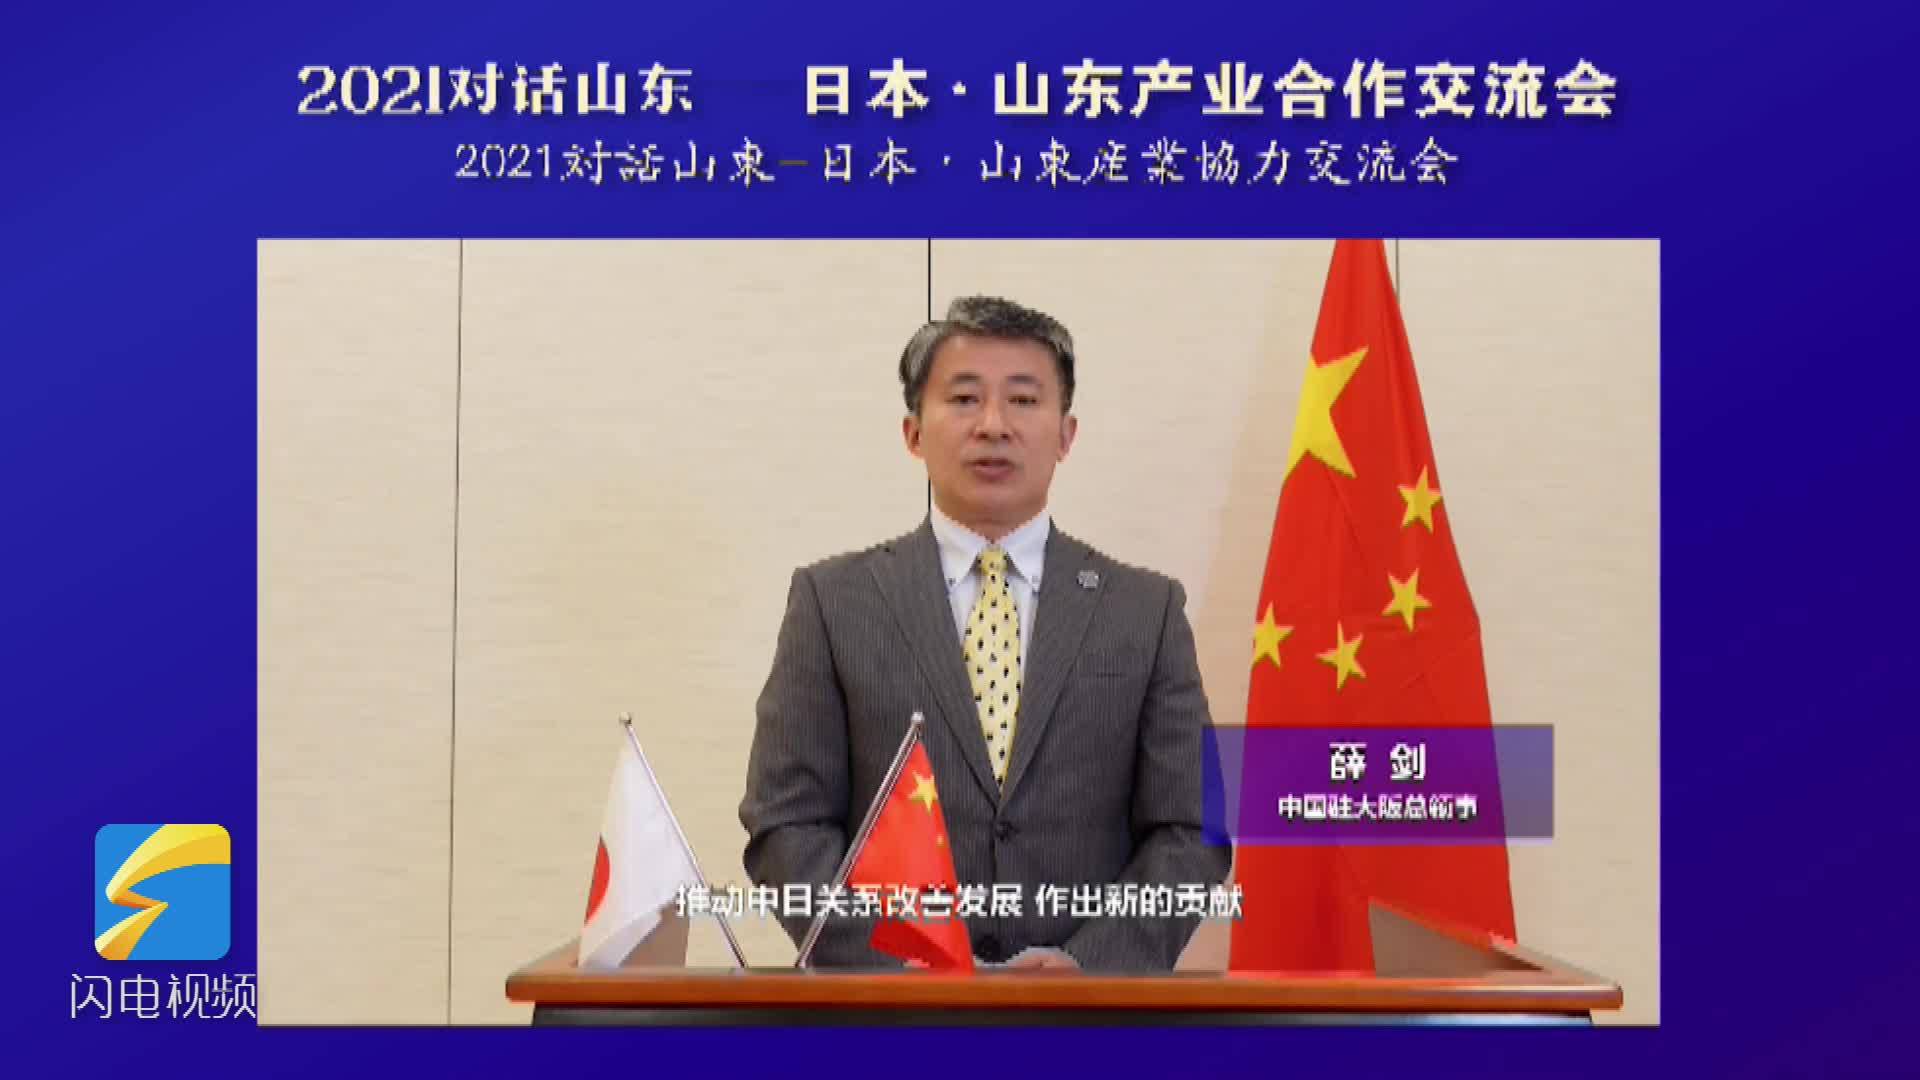 2021对话山东|中国驻大阪总领事薛剑:深化中日地方产业合作交流,共享新机遇